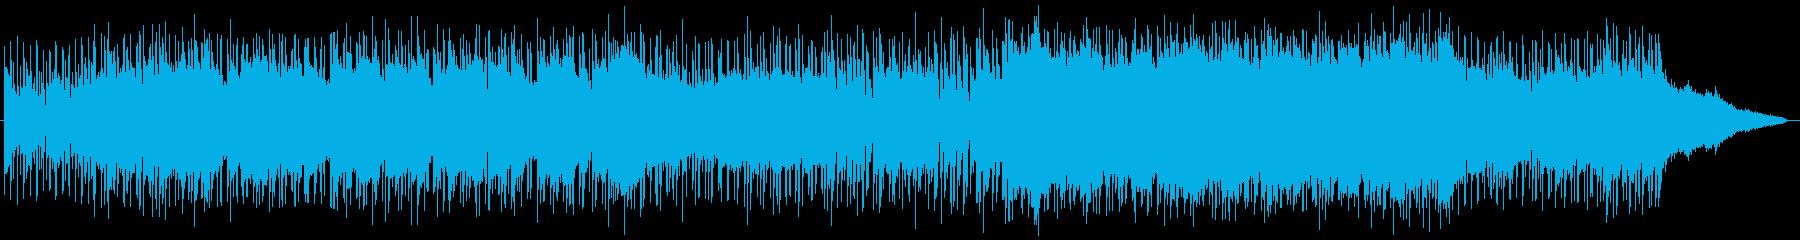 明るく躍動感があるエレクトリック・ポップの再生済みの波形